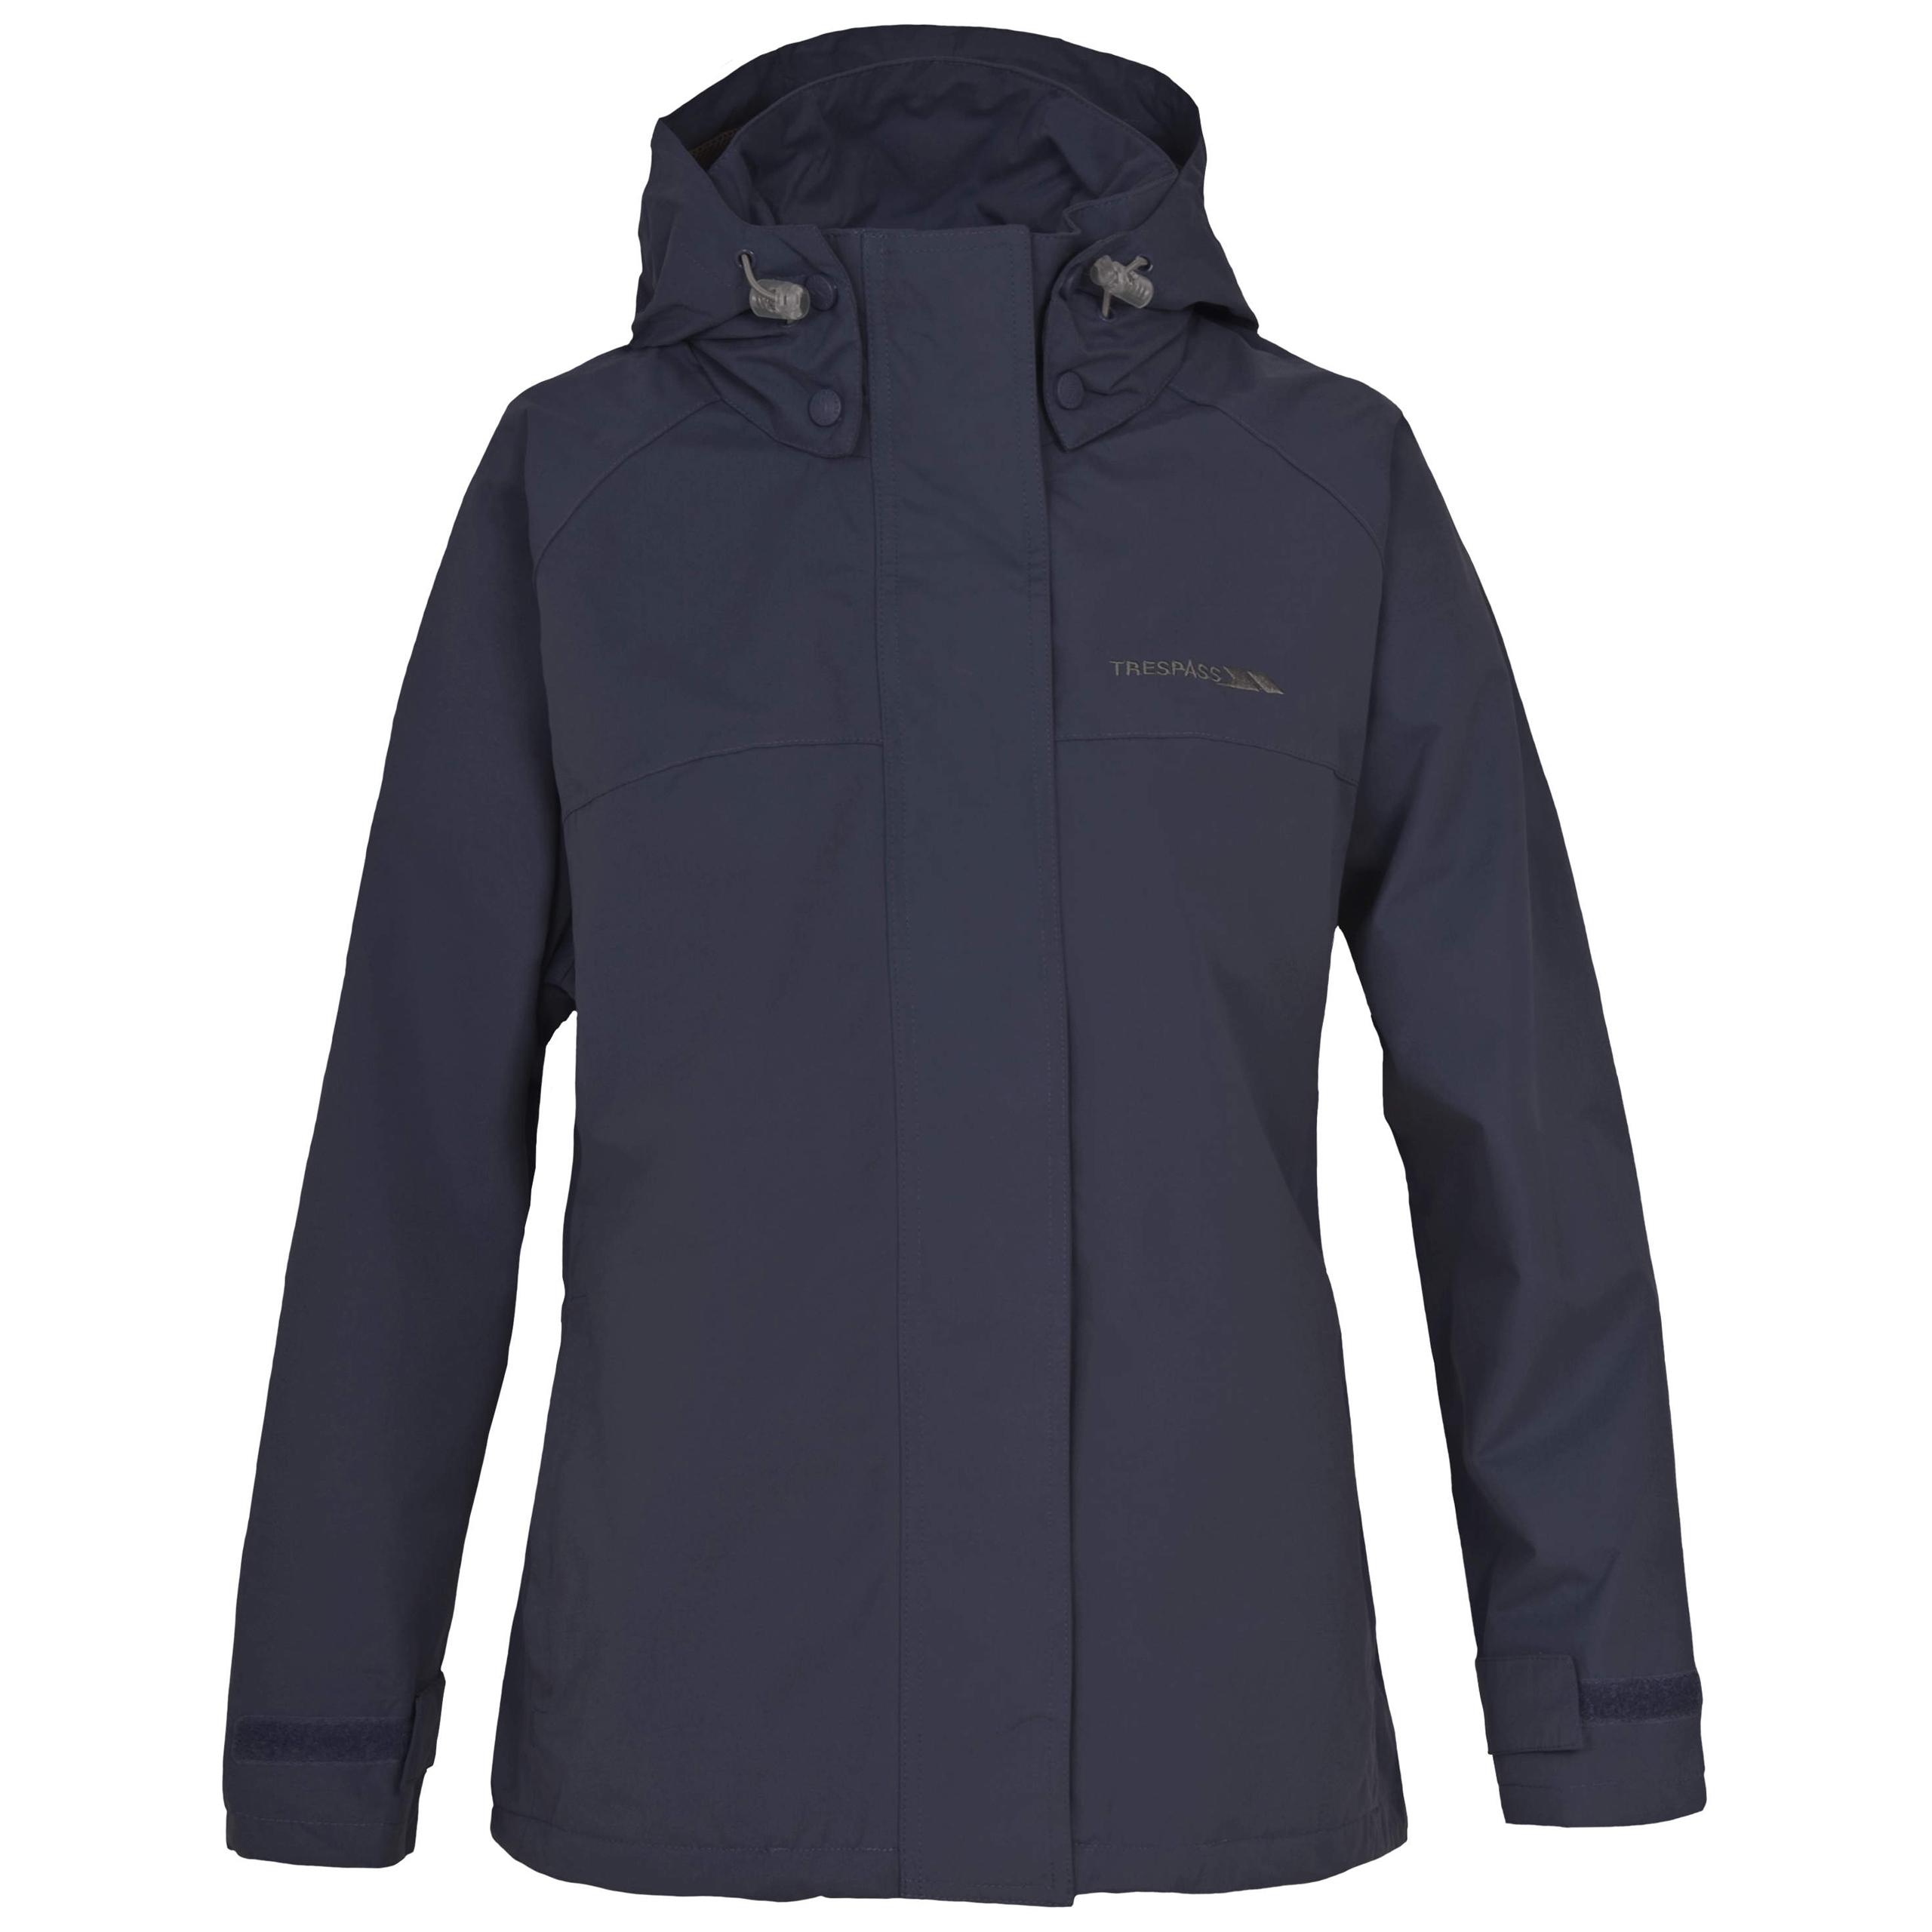 Trespass-HEMISPHERE-impermeable-coupe-vent-manteau-de-pluie-femmes